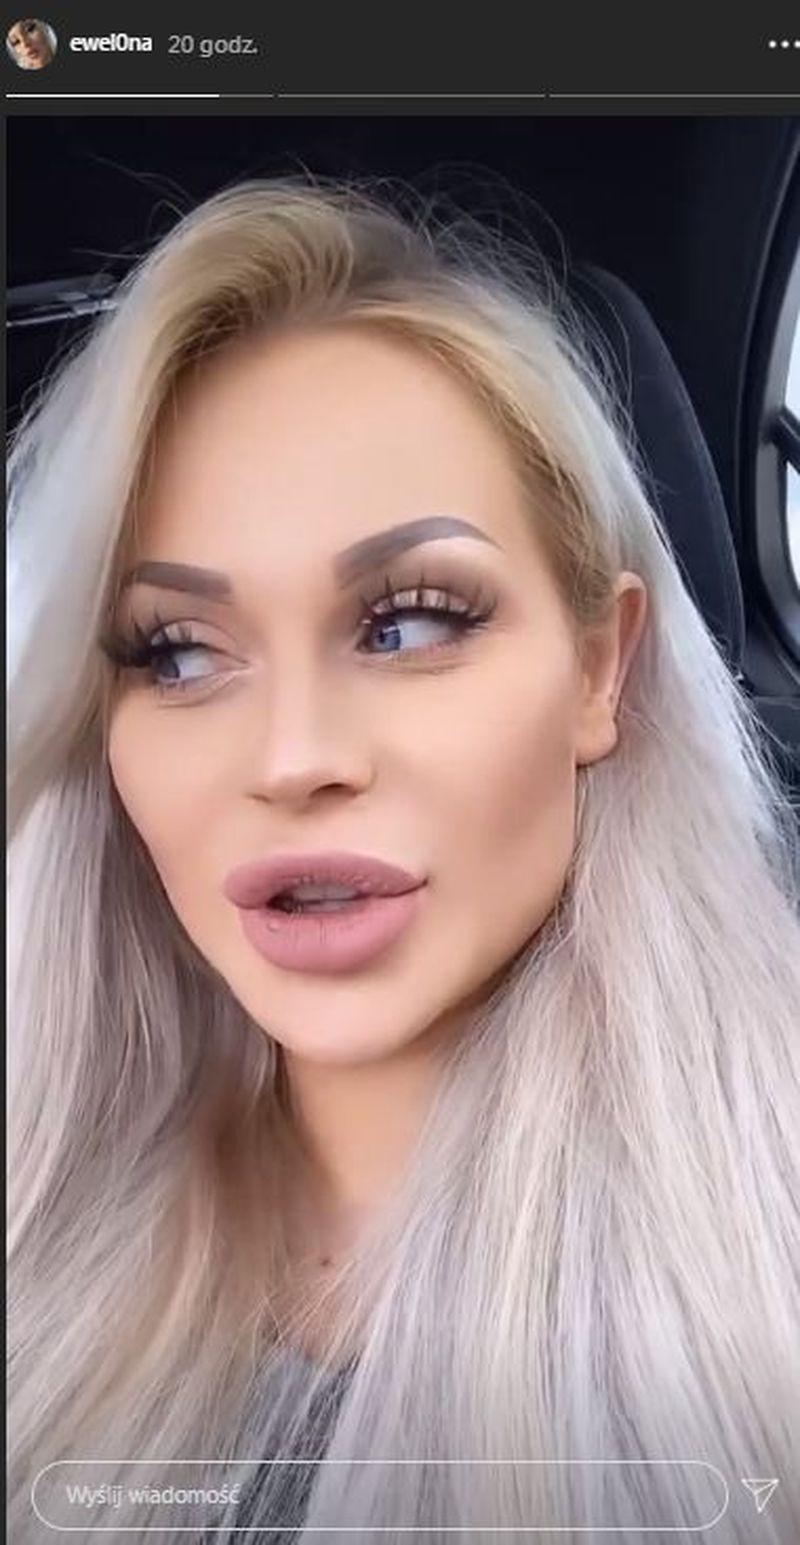 Ewelina Kubiak wraca do domu po operacji powiększenia piersi